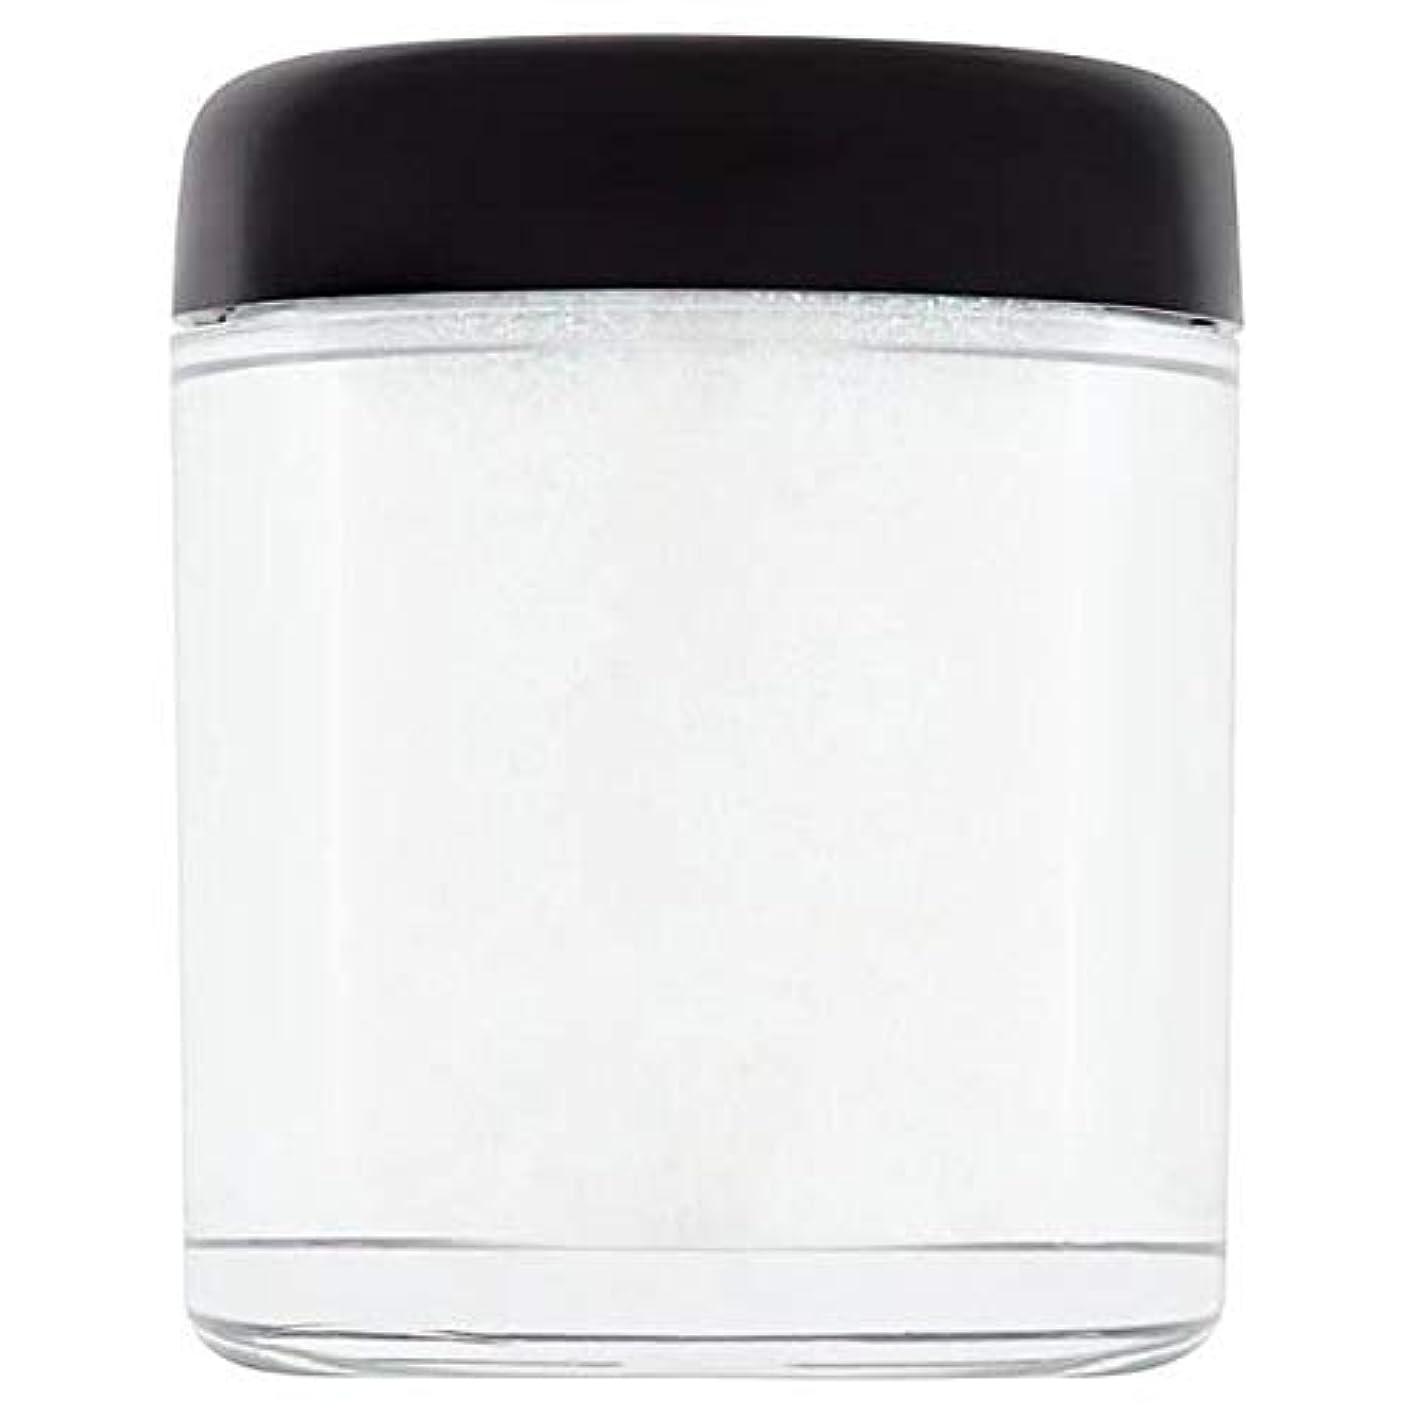 [Collection ] 収集グラムの結晶がフェイス&ボディの輝きユニコーンの涙1 - Collection Glam Crystals Face & Body Glitter Unicorn Tears 1 [並行輸入品]